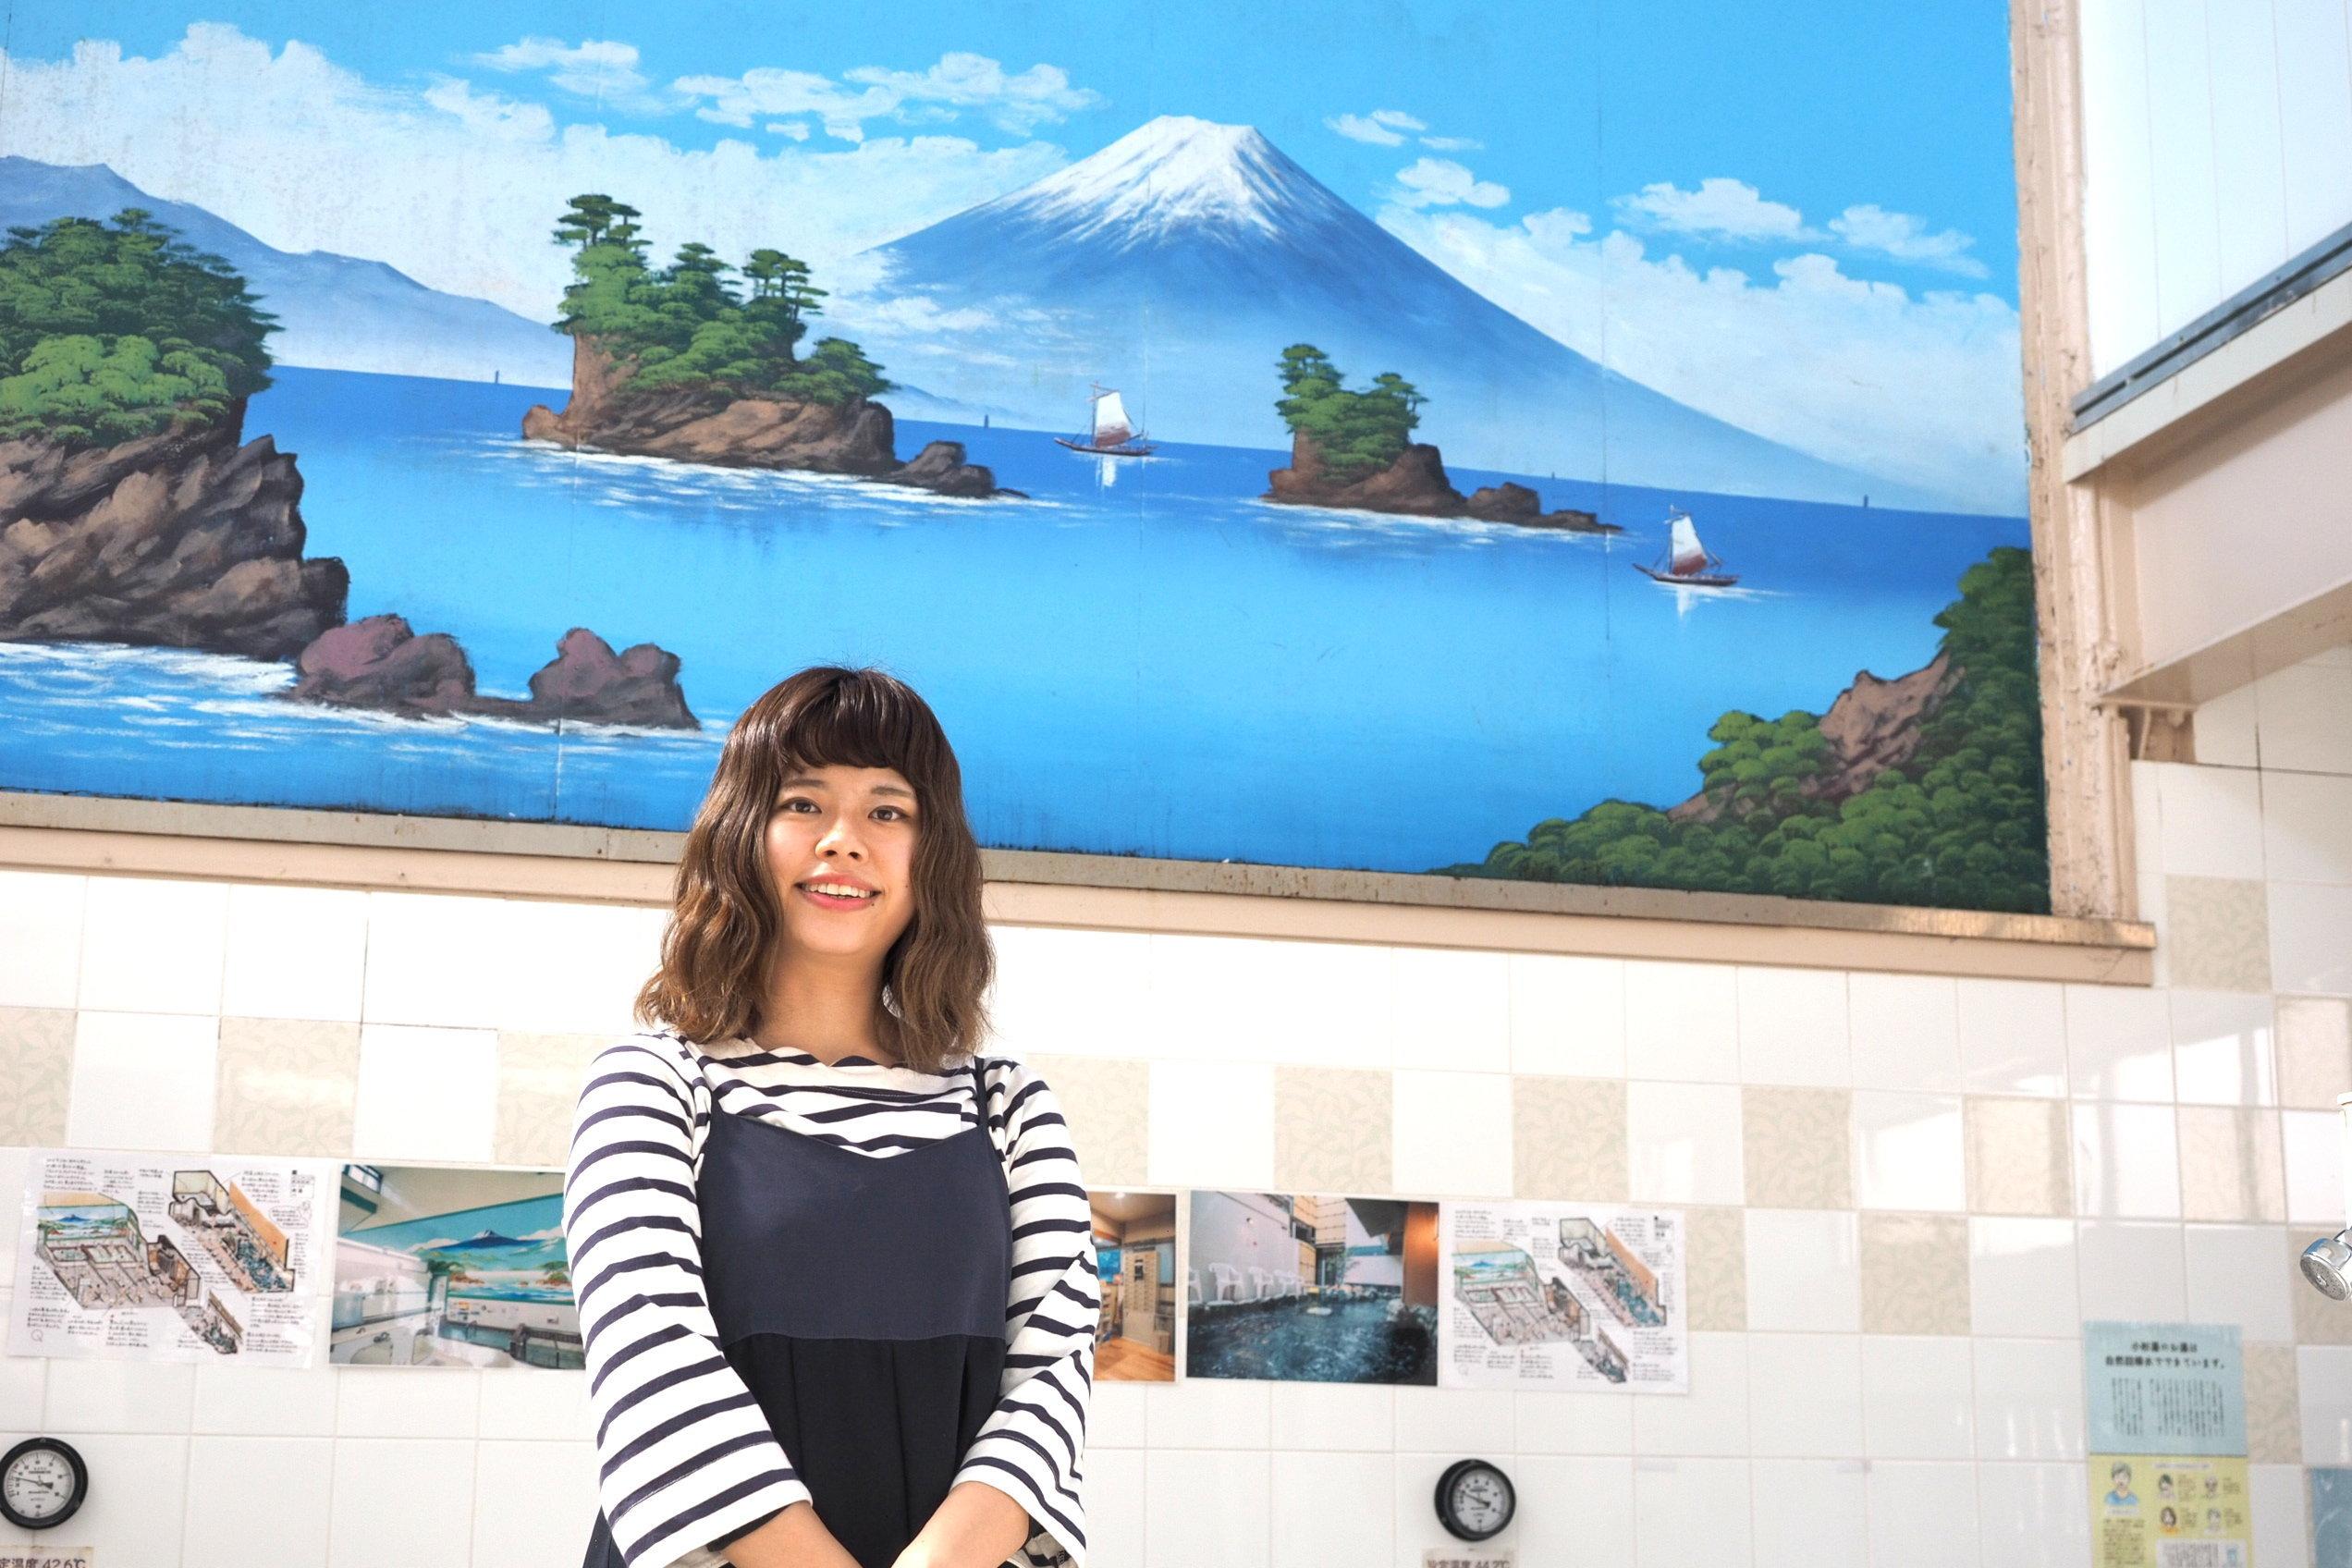 小杉湯でインタビューに応じる塩谷歩波さん(2019年3月21日撮影)